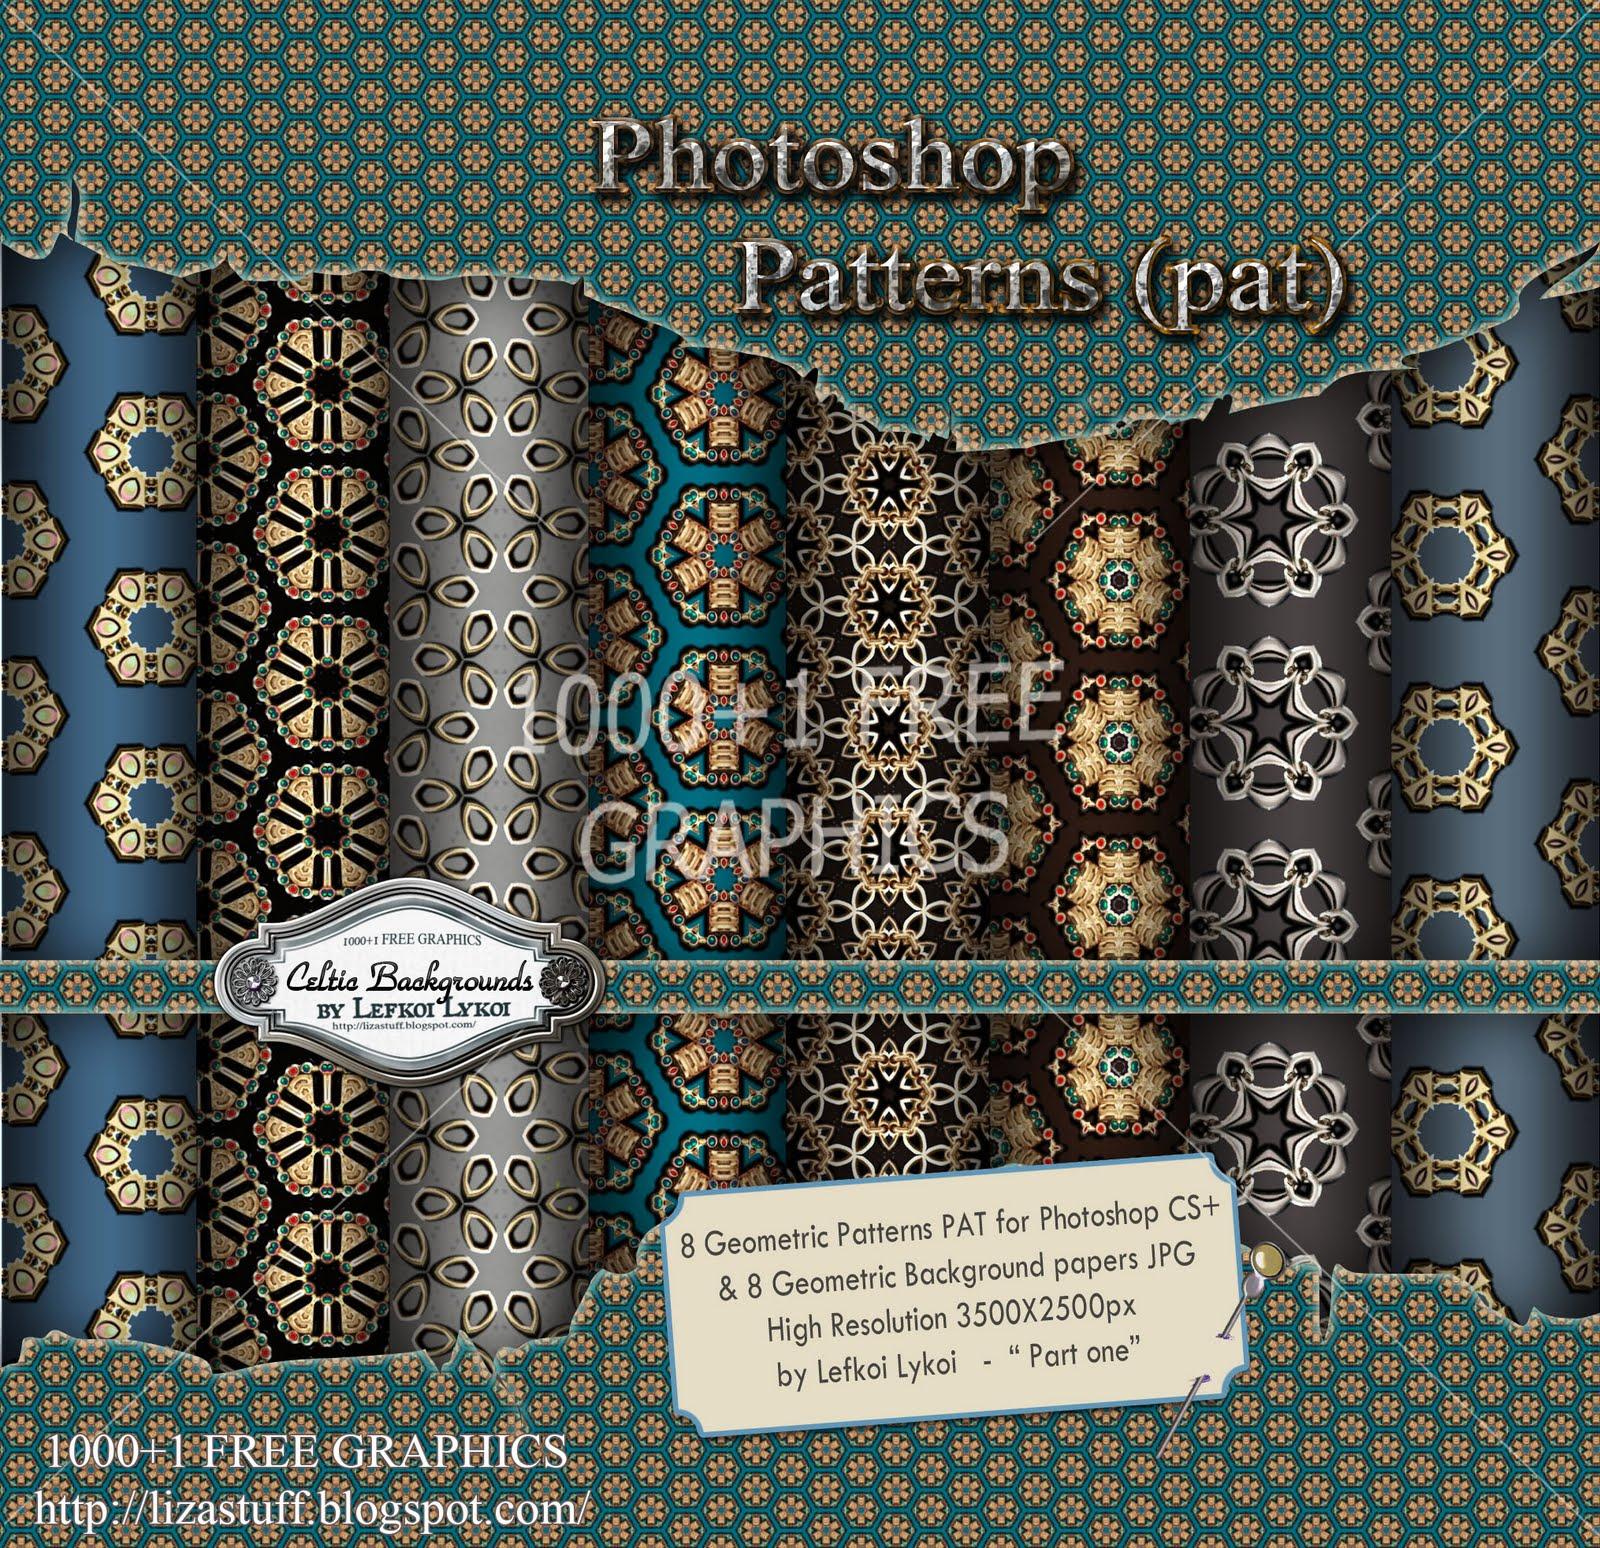 http://1.bp.blogspot.com/-6FSxXm9gHnY/TiWsspLTBQI/AAAAAAAAPcQ/FZDI2EaIPZ0/s1600/geometric%252Bbackgrounds.jpg